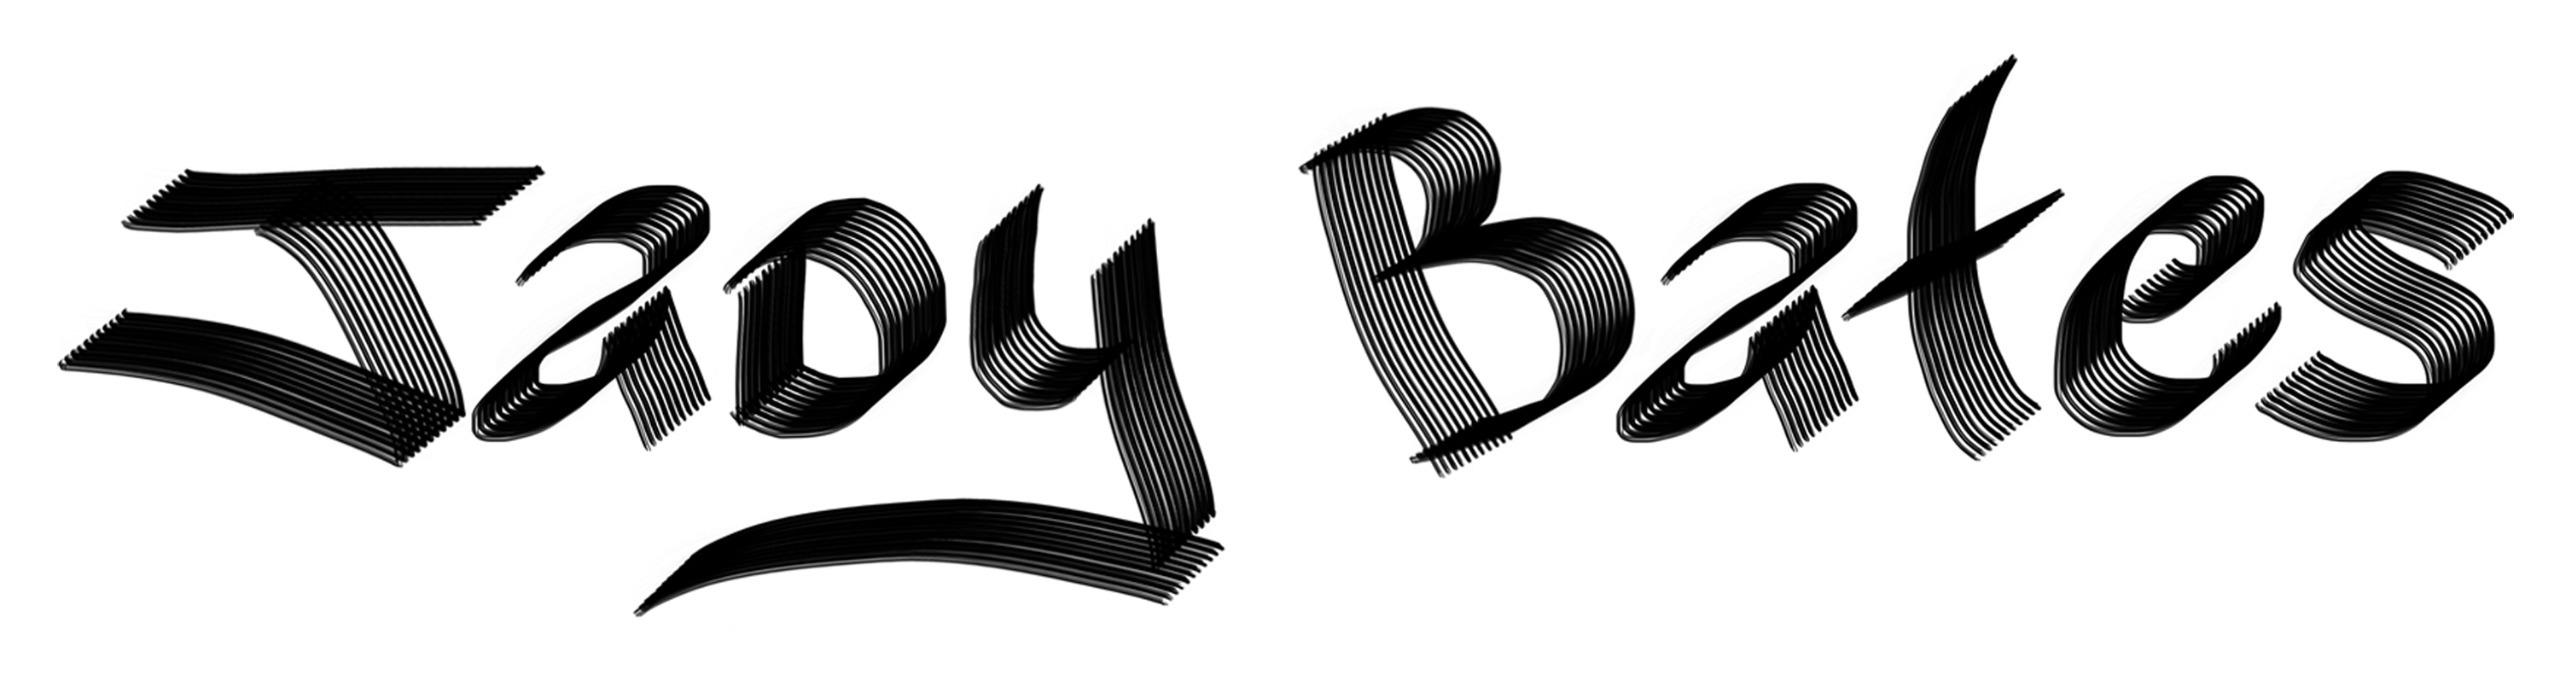 Jady Bates (@jadyb110) Cover Image